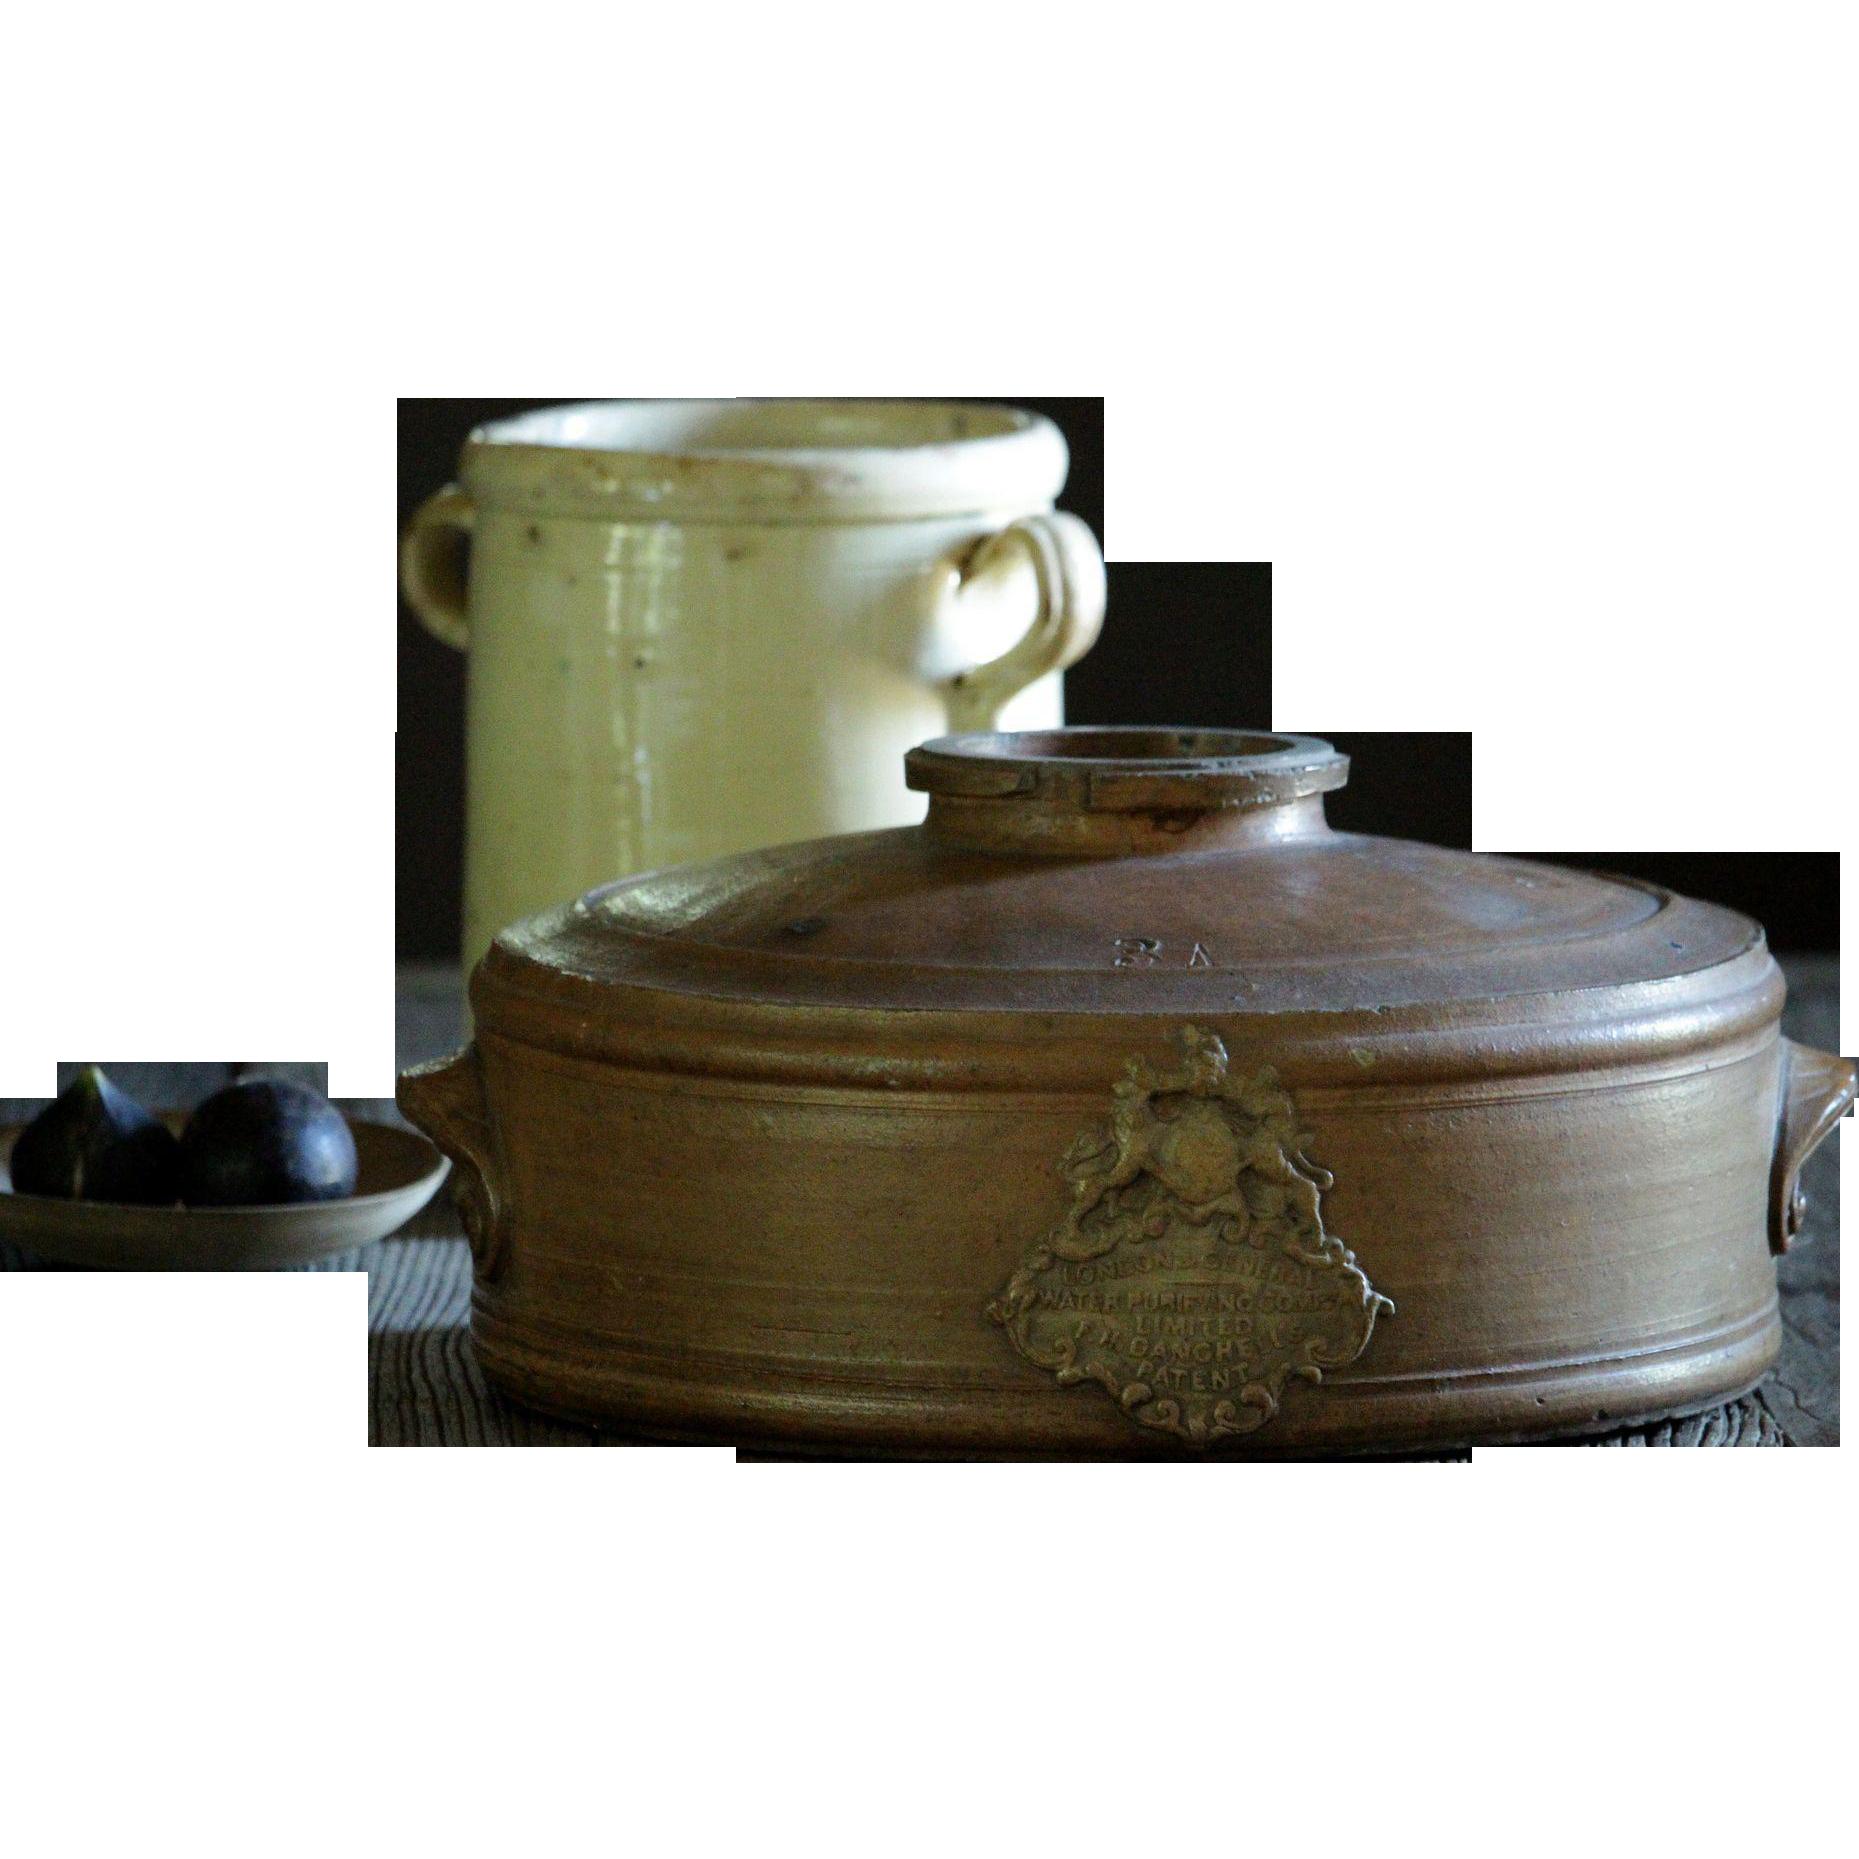 Antique Victorian English Salt-Glazed Stoneware WATER Purifier / Filter - 19th Century Crock